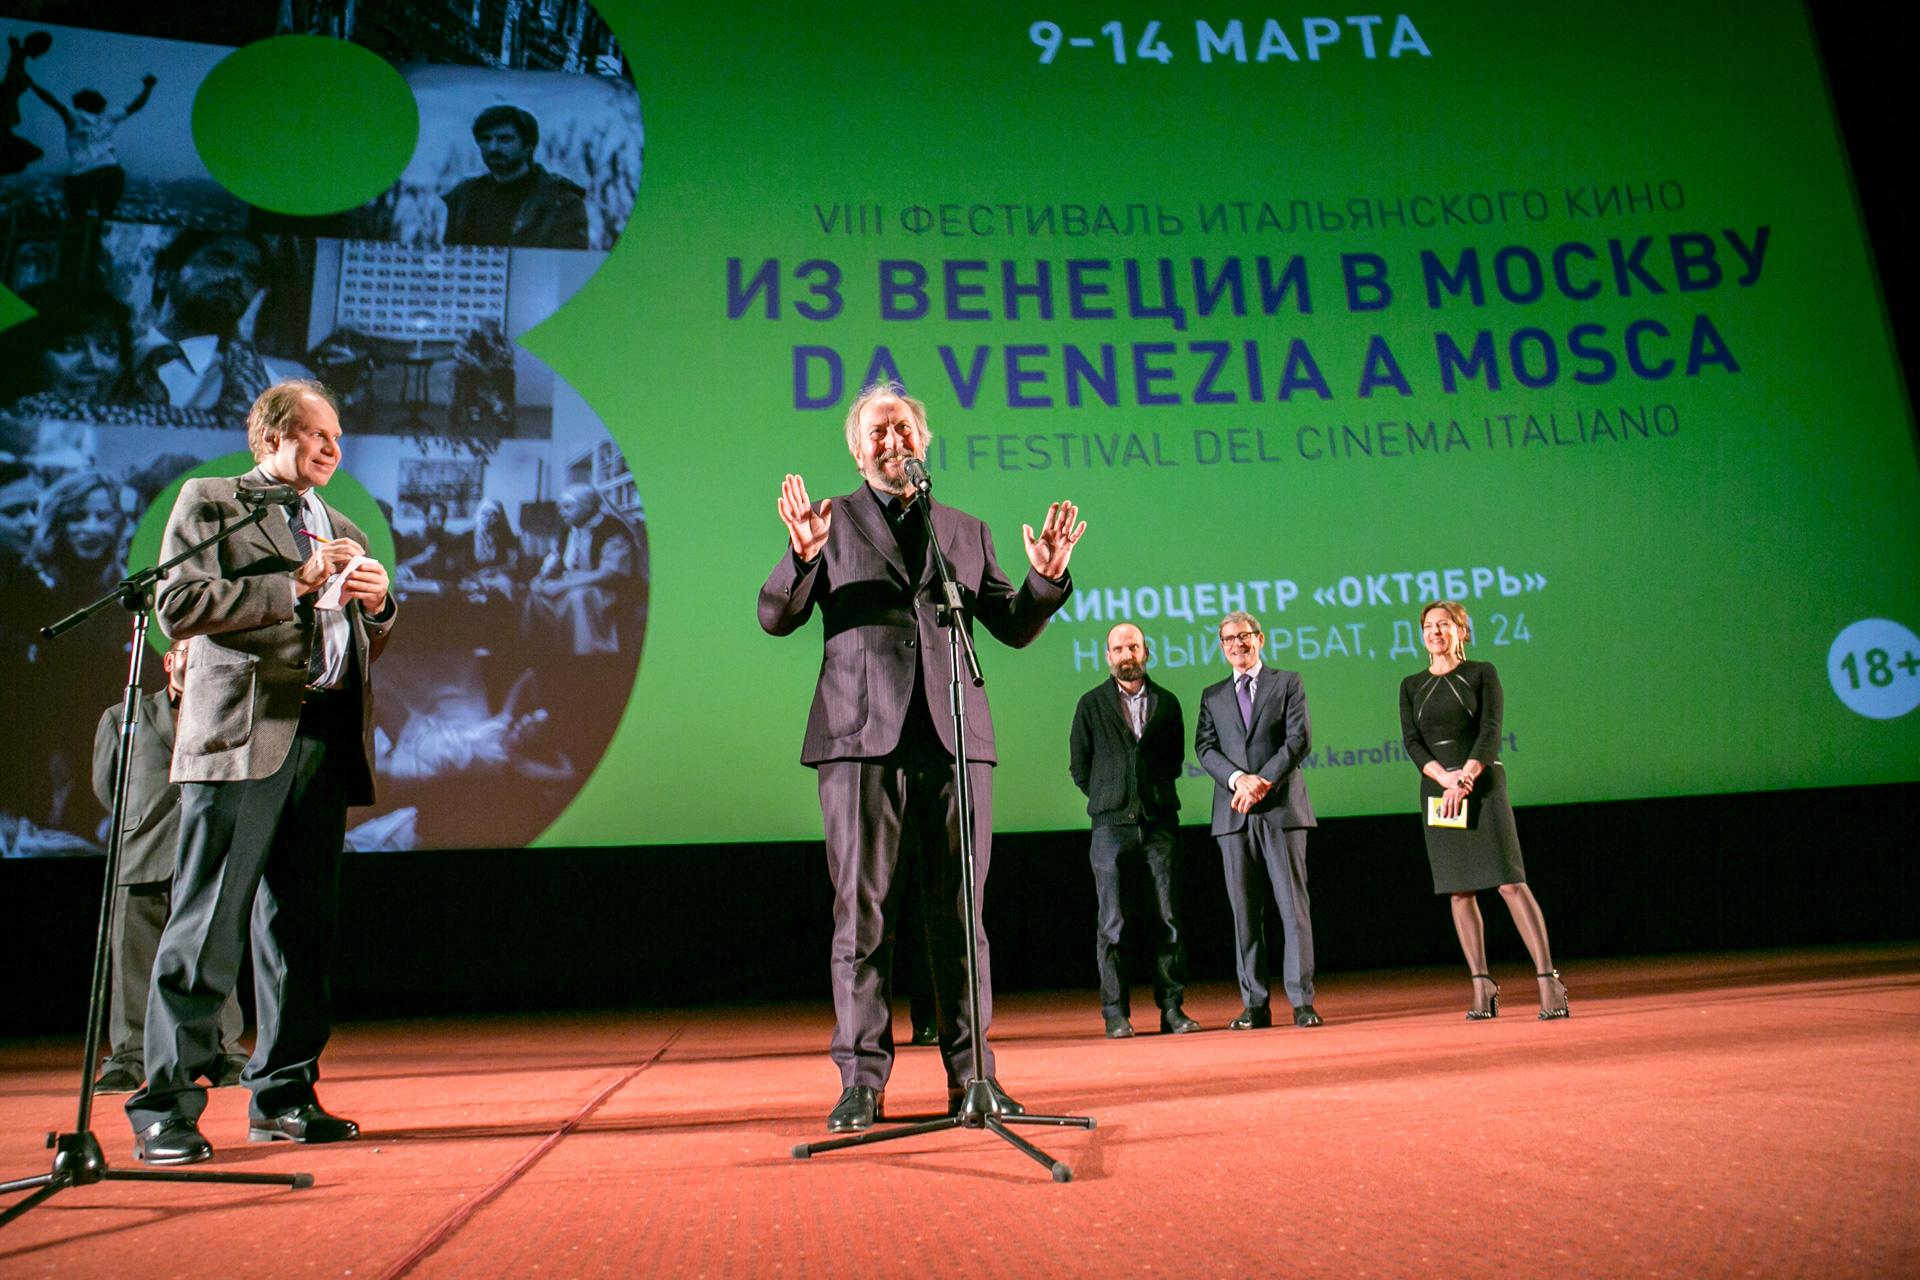 """Il regista Giuseppe Piccioni (al centro) presenta il suo film """"Questi giorni"""" che ha aperto il festival """"Da Venezia a Mosca"""". Fonte: Igor Rodin"""